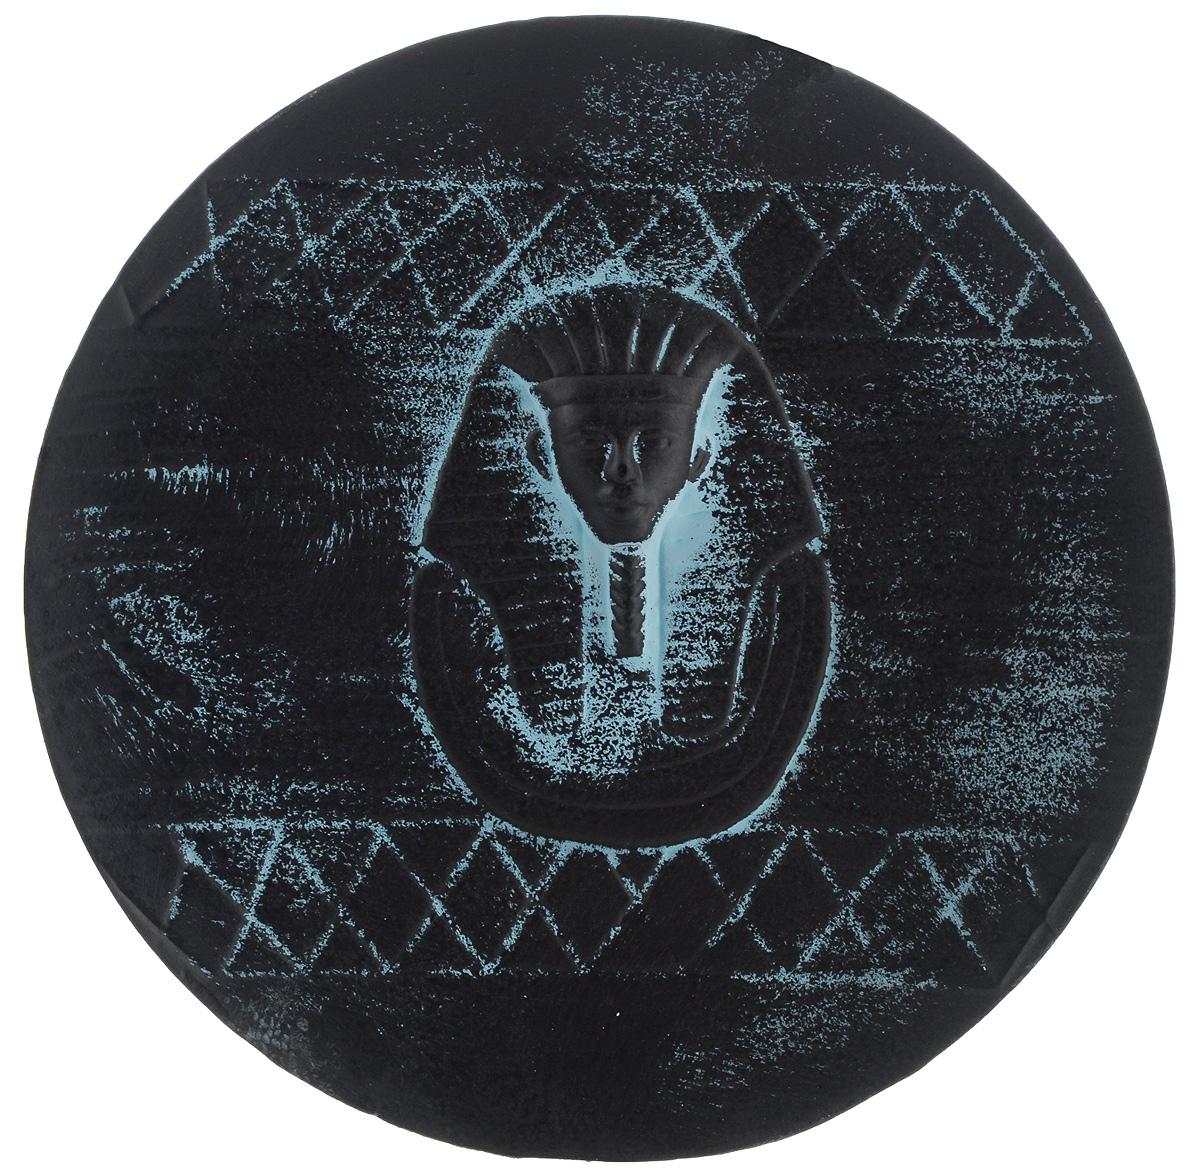 Тарелка декоративная House & Holder, диаметр 22 см. PX9047498298123_черныйТарелка House & Holder выполнена из высококачественной керамики. Тарелка круглой формы украшена оригинальным принтом. Она сочетает в себе оригинальный дизайн с максимальной функциональностью.Диаметр тарелки: 22 см.Высота: 2,2 см.